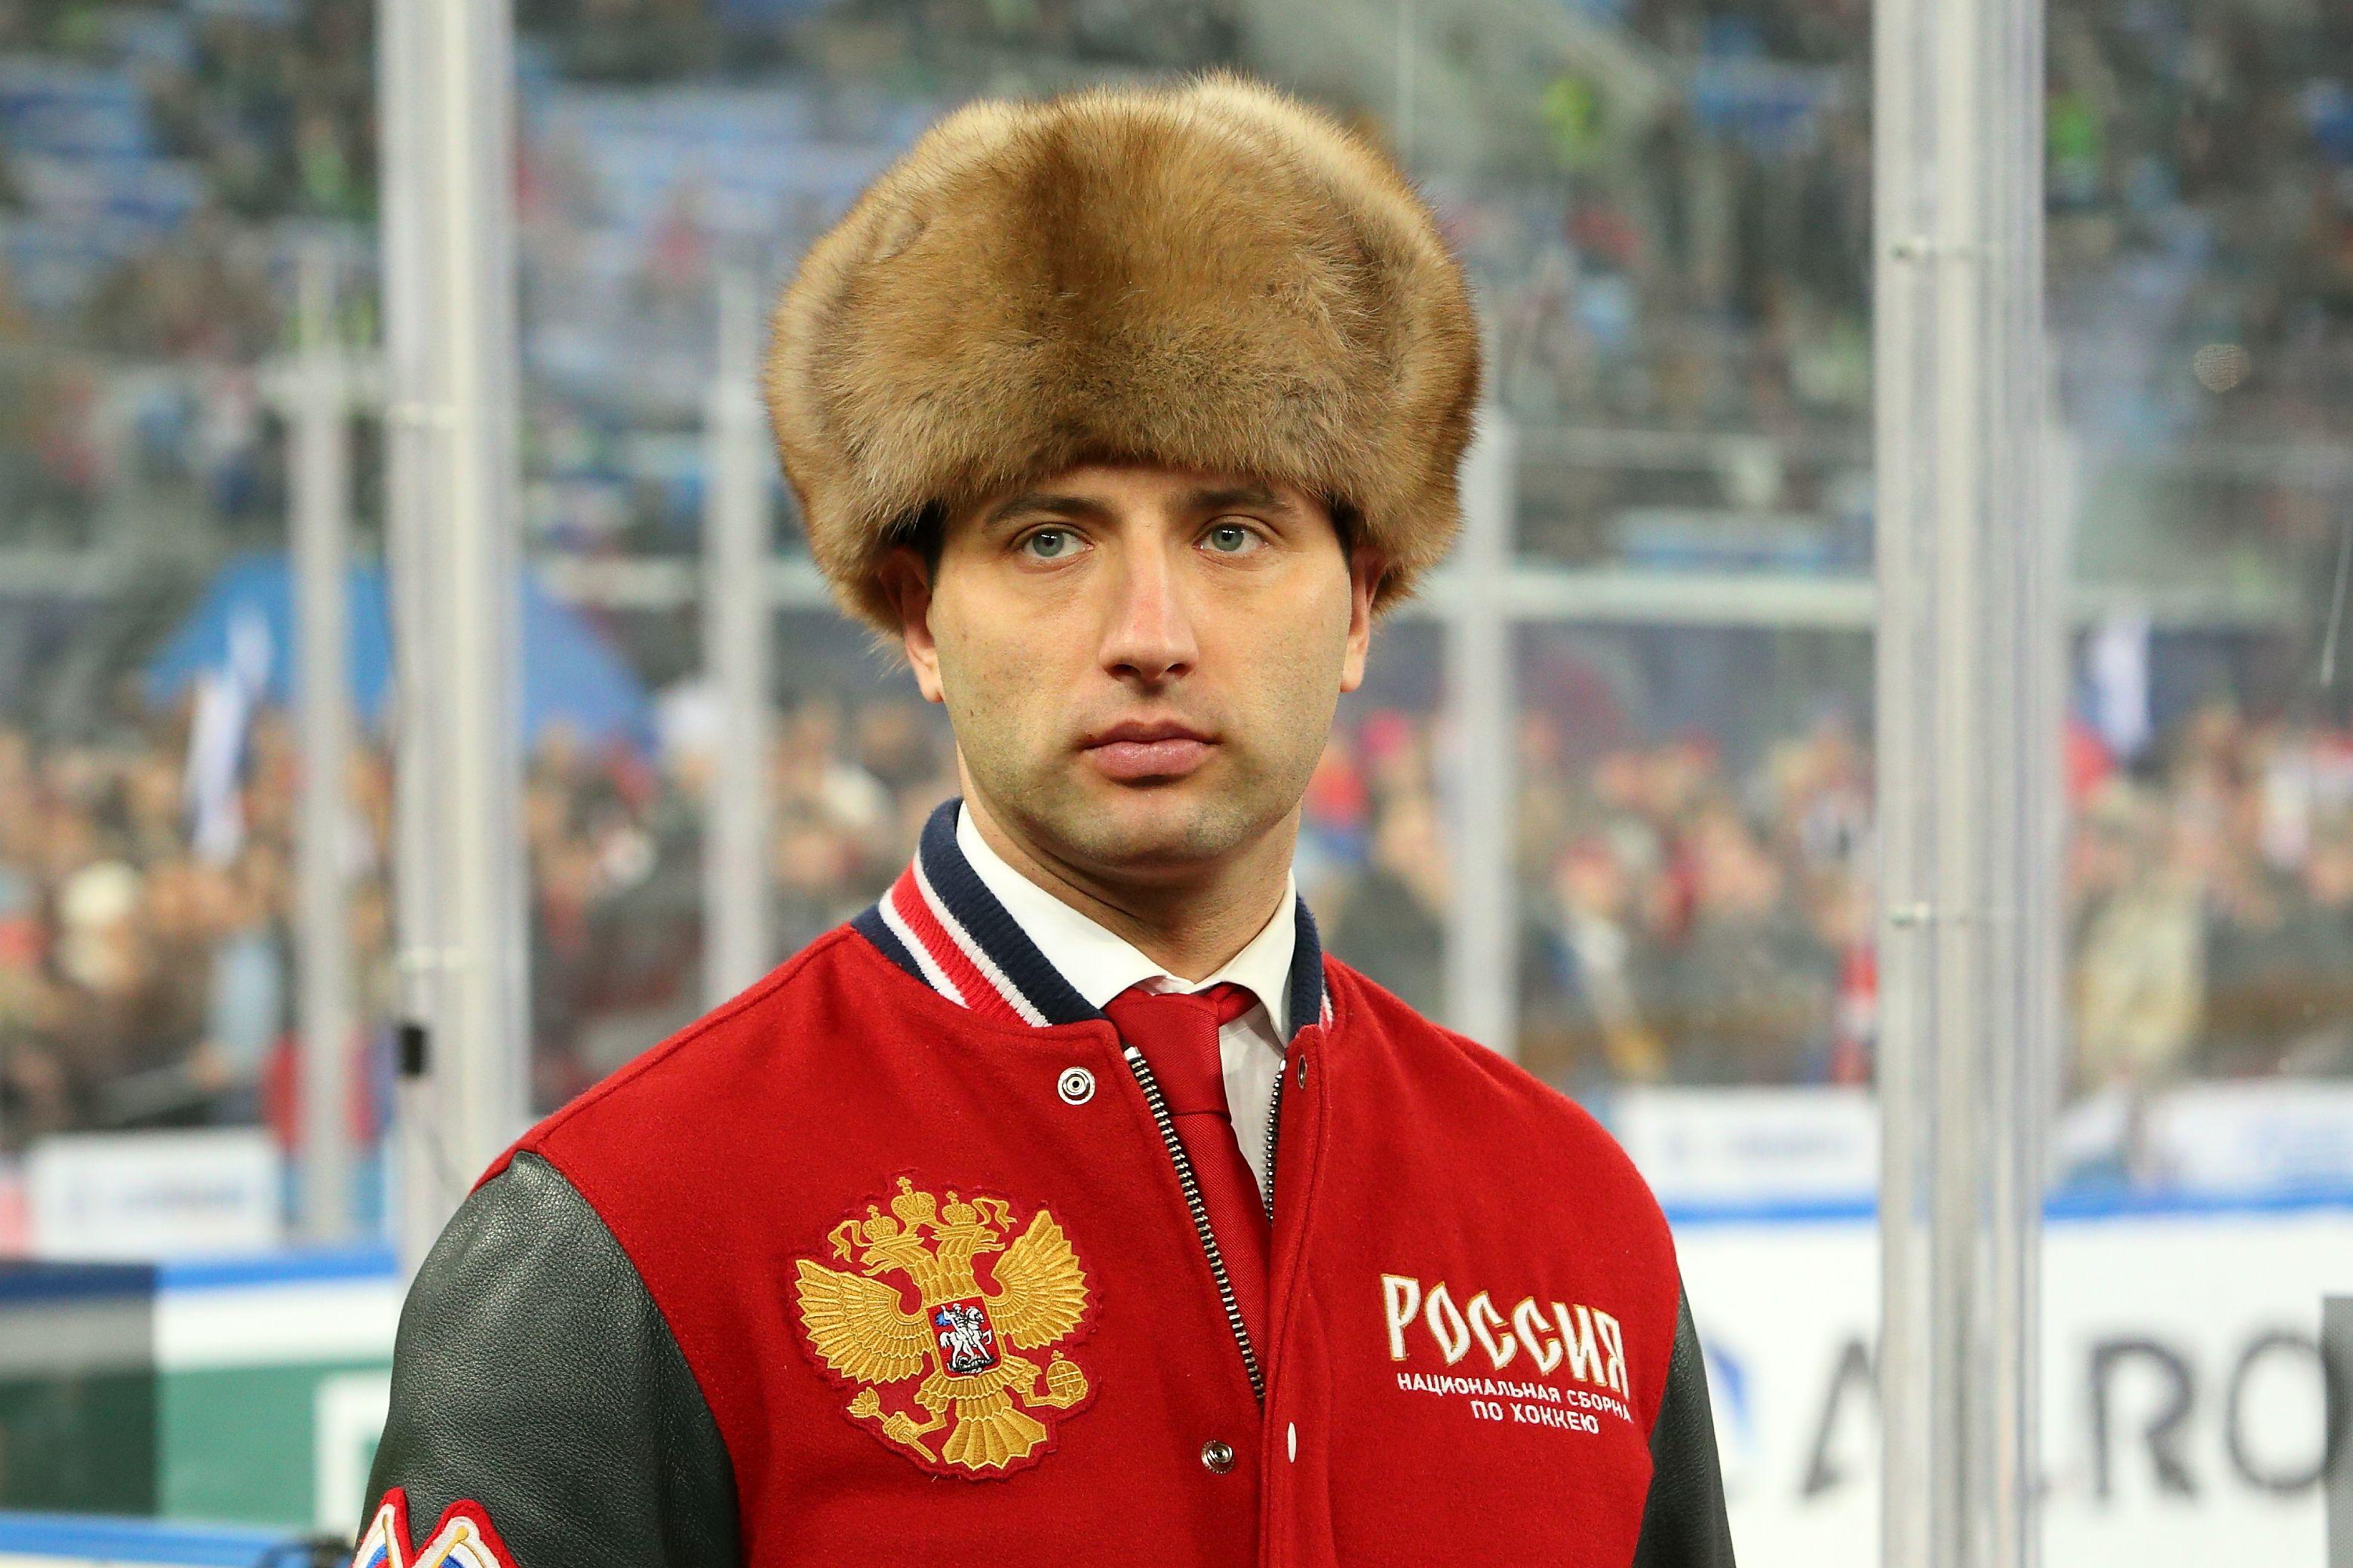 Р. Ротенберг: 'Россия рассчитывает только на золотые медали на ЮЧМ-2021. Это важнейший турнир'